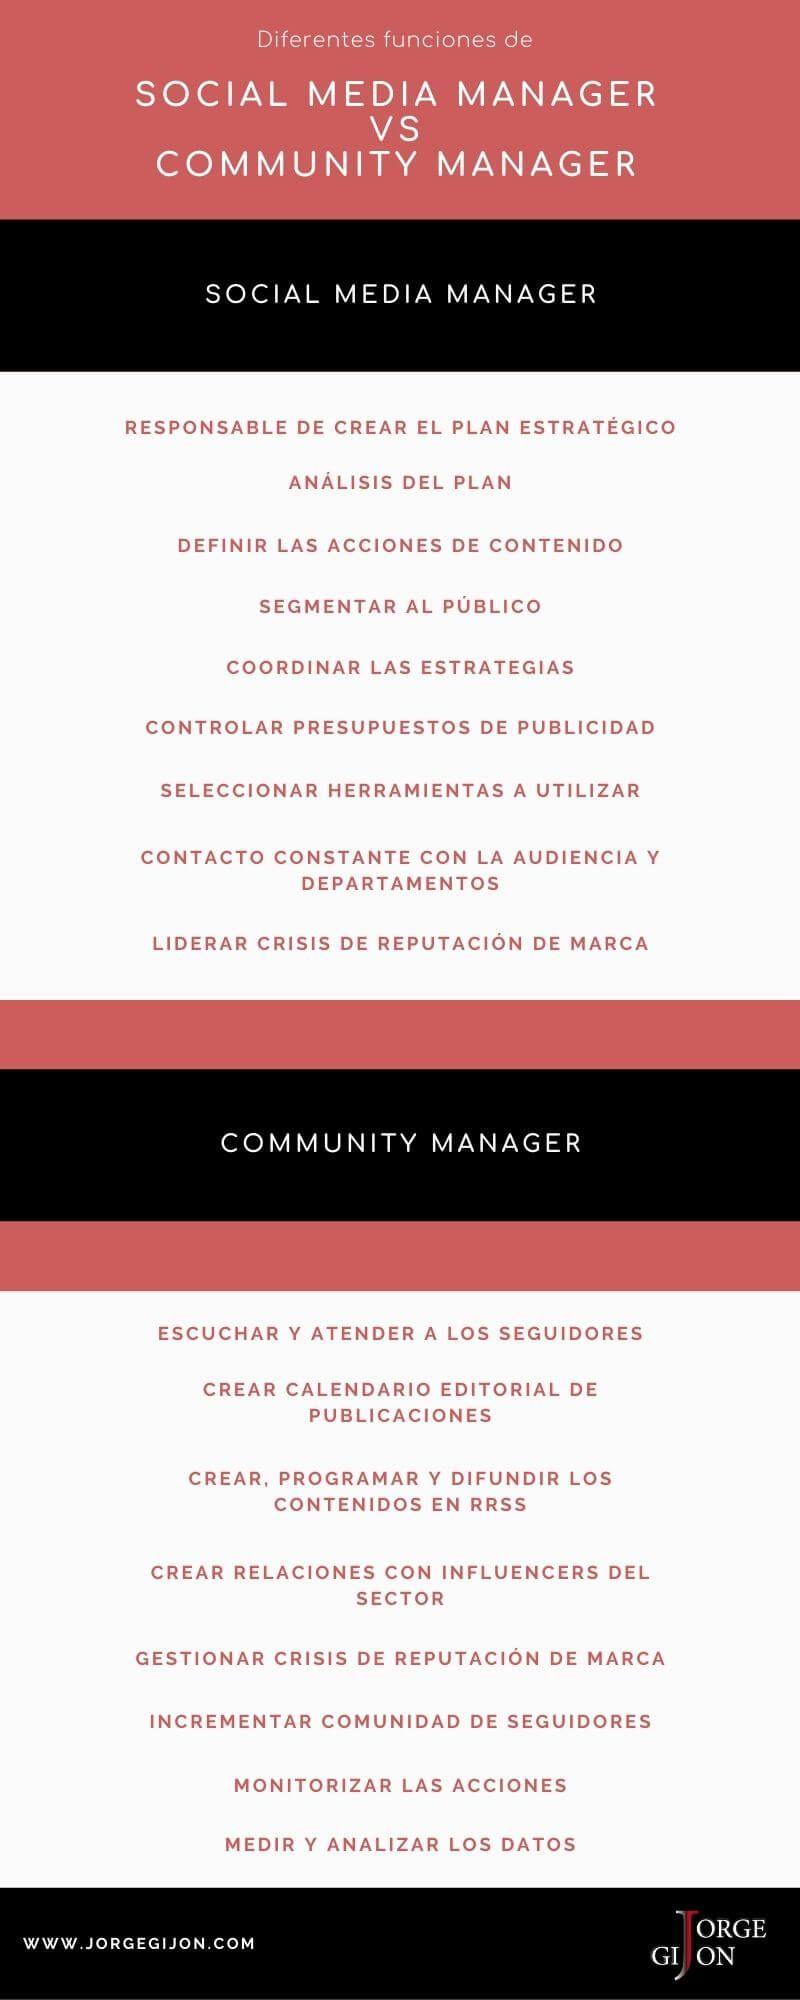 funciones de social media manager y community manager